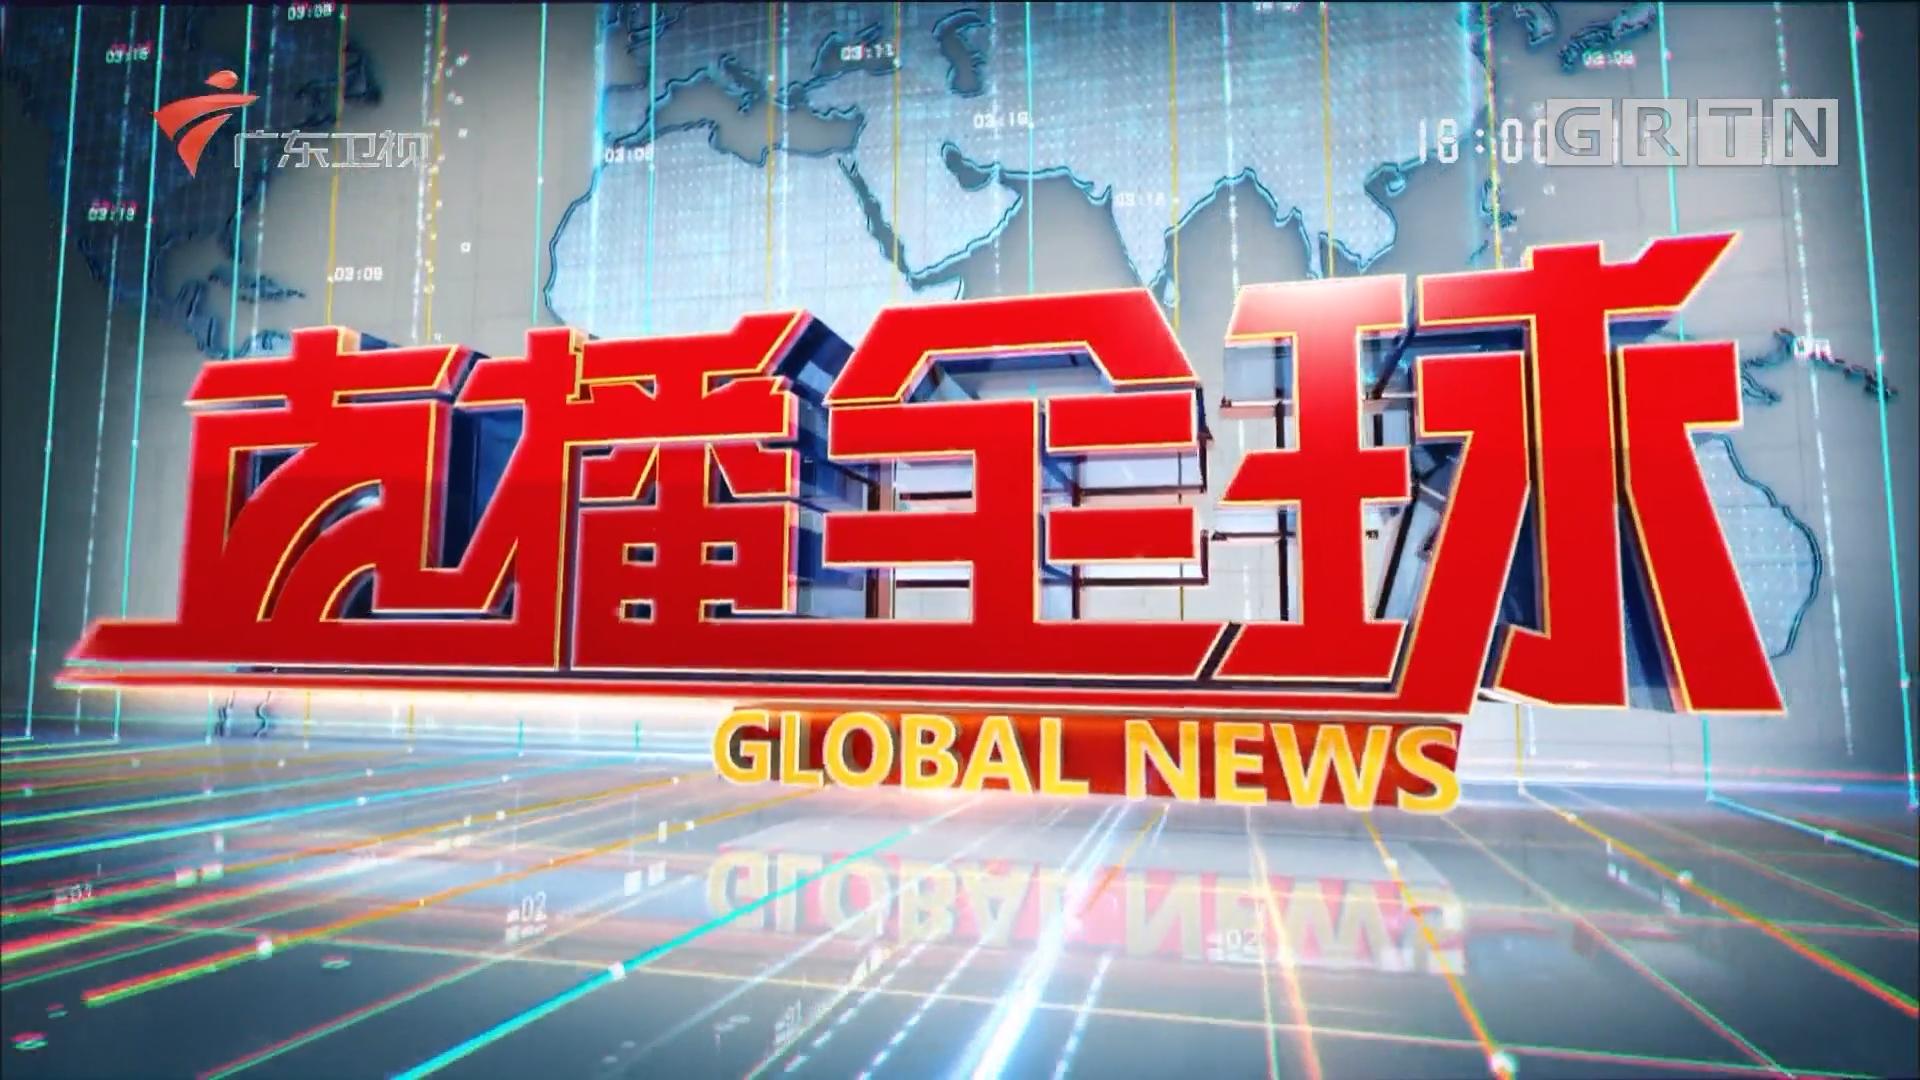 [HD][2018-03-05]直播全球:韩国今日派特使团访问朝鲜 特使团共10人直飞平壤